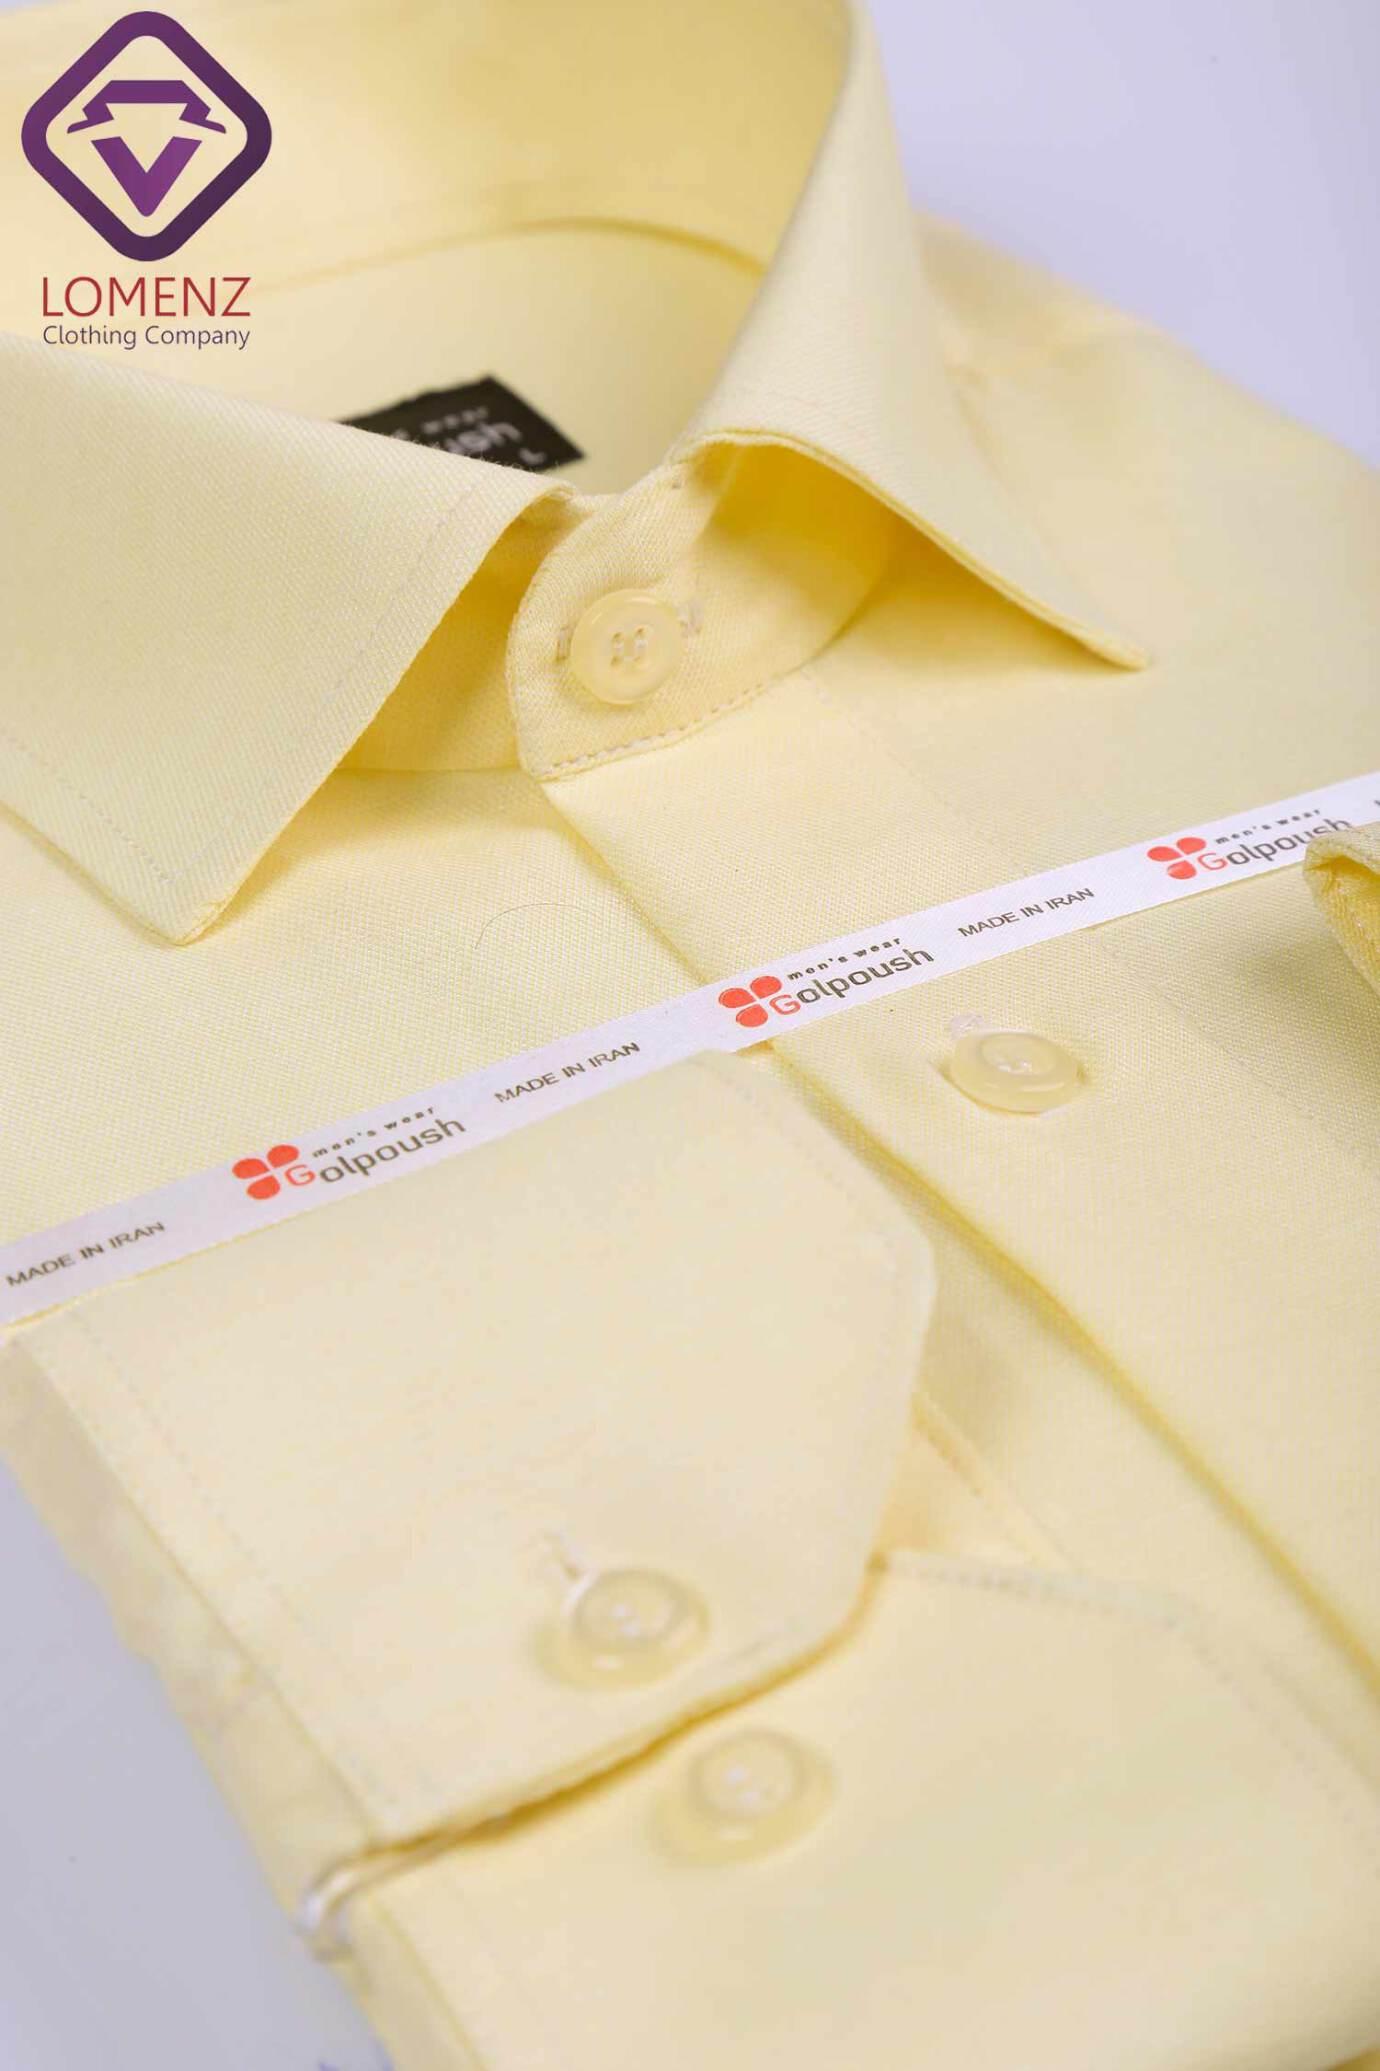 پیراهن جعبه ای فلورا ایرانی لیمویی